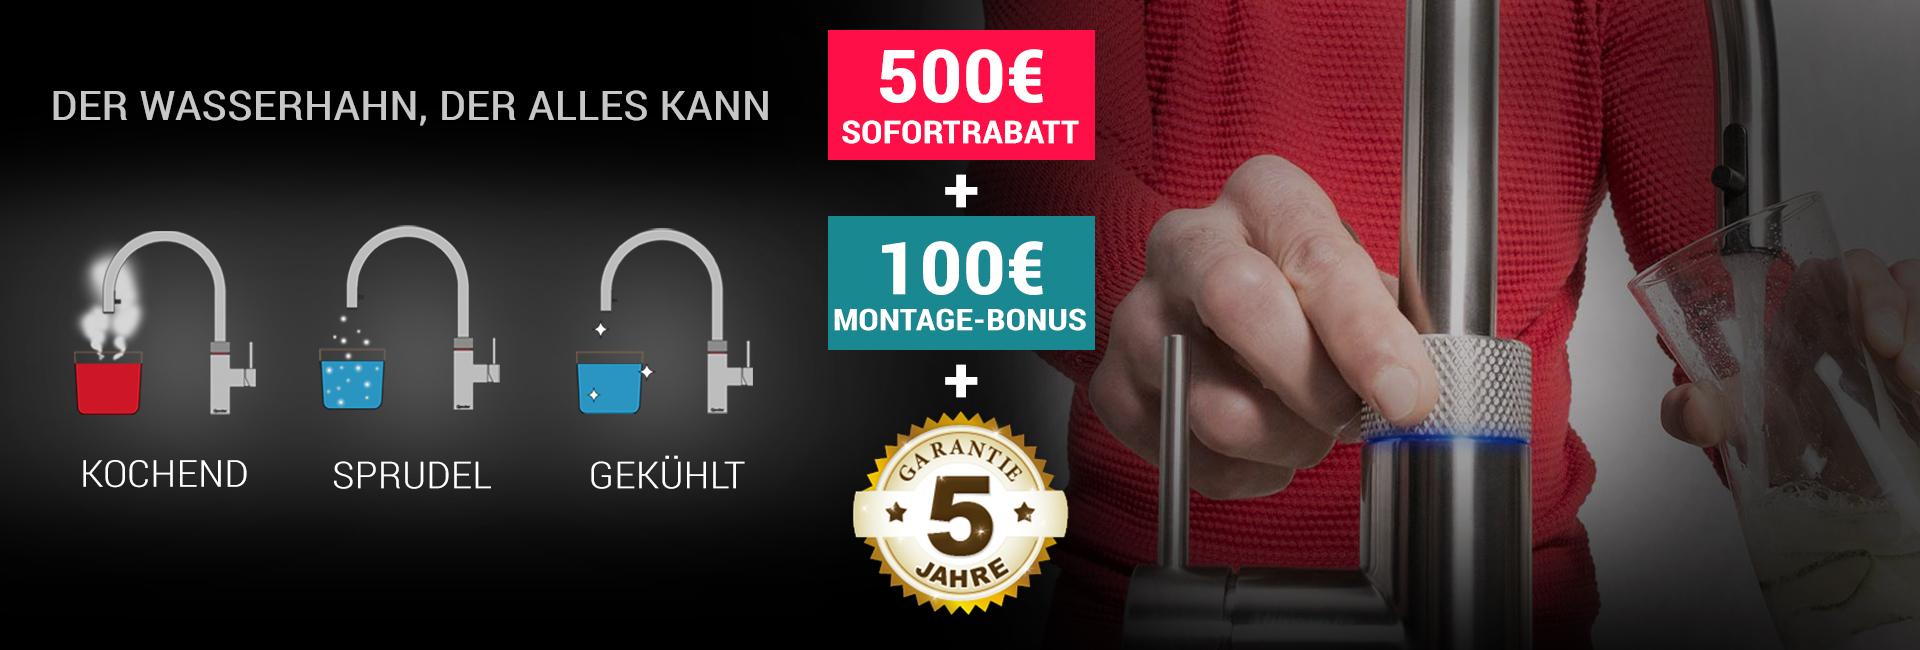 Quooker Deals - 500€ Sofortrabatt + 100€ Montagebonus + 5 Jahre Garantie